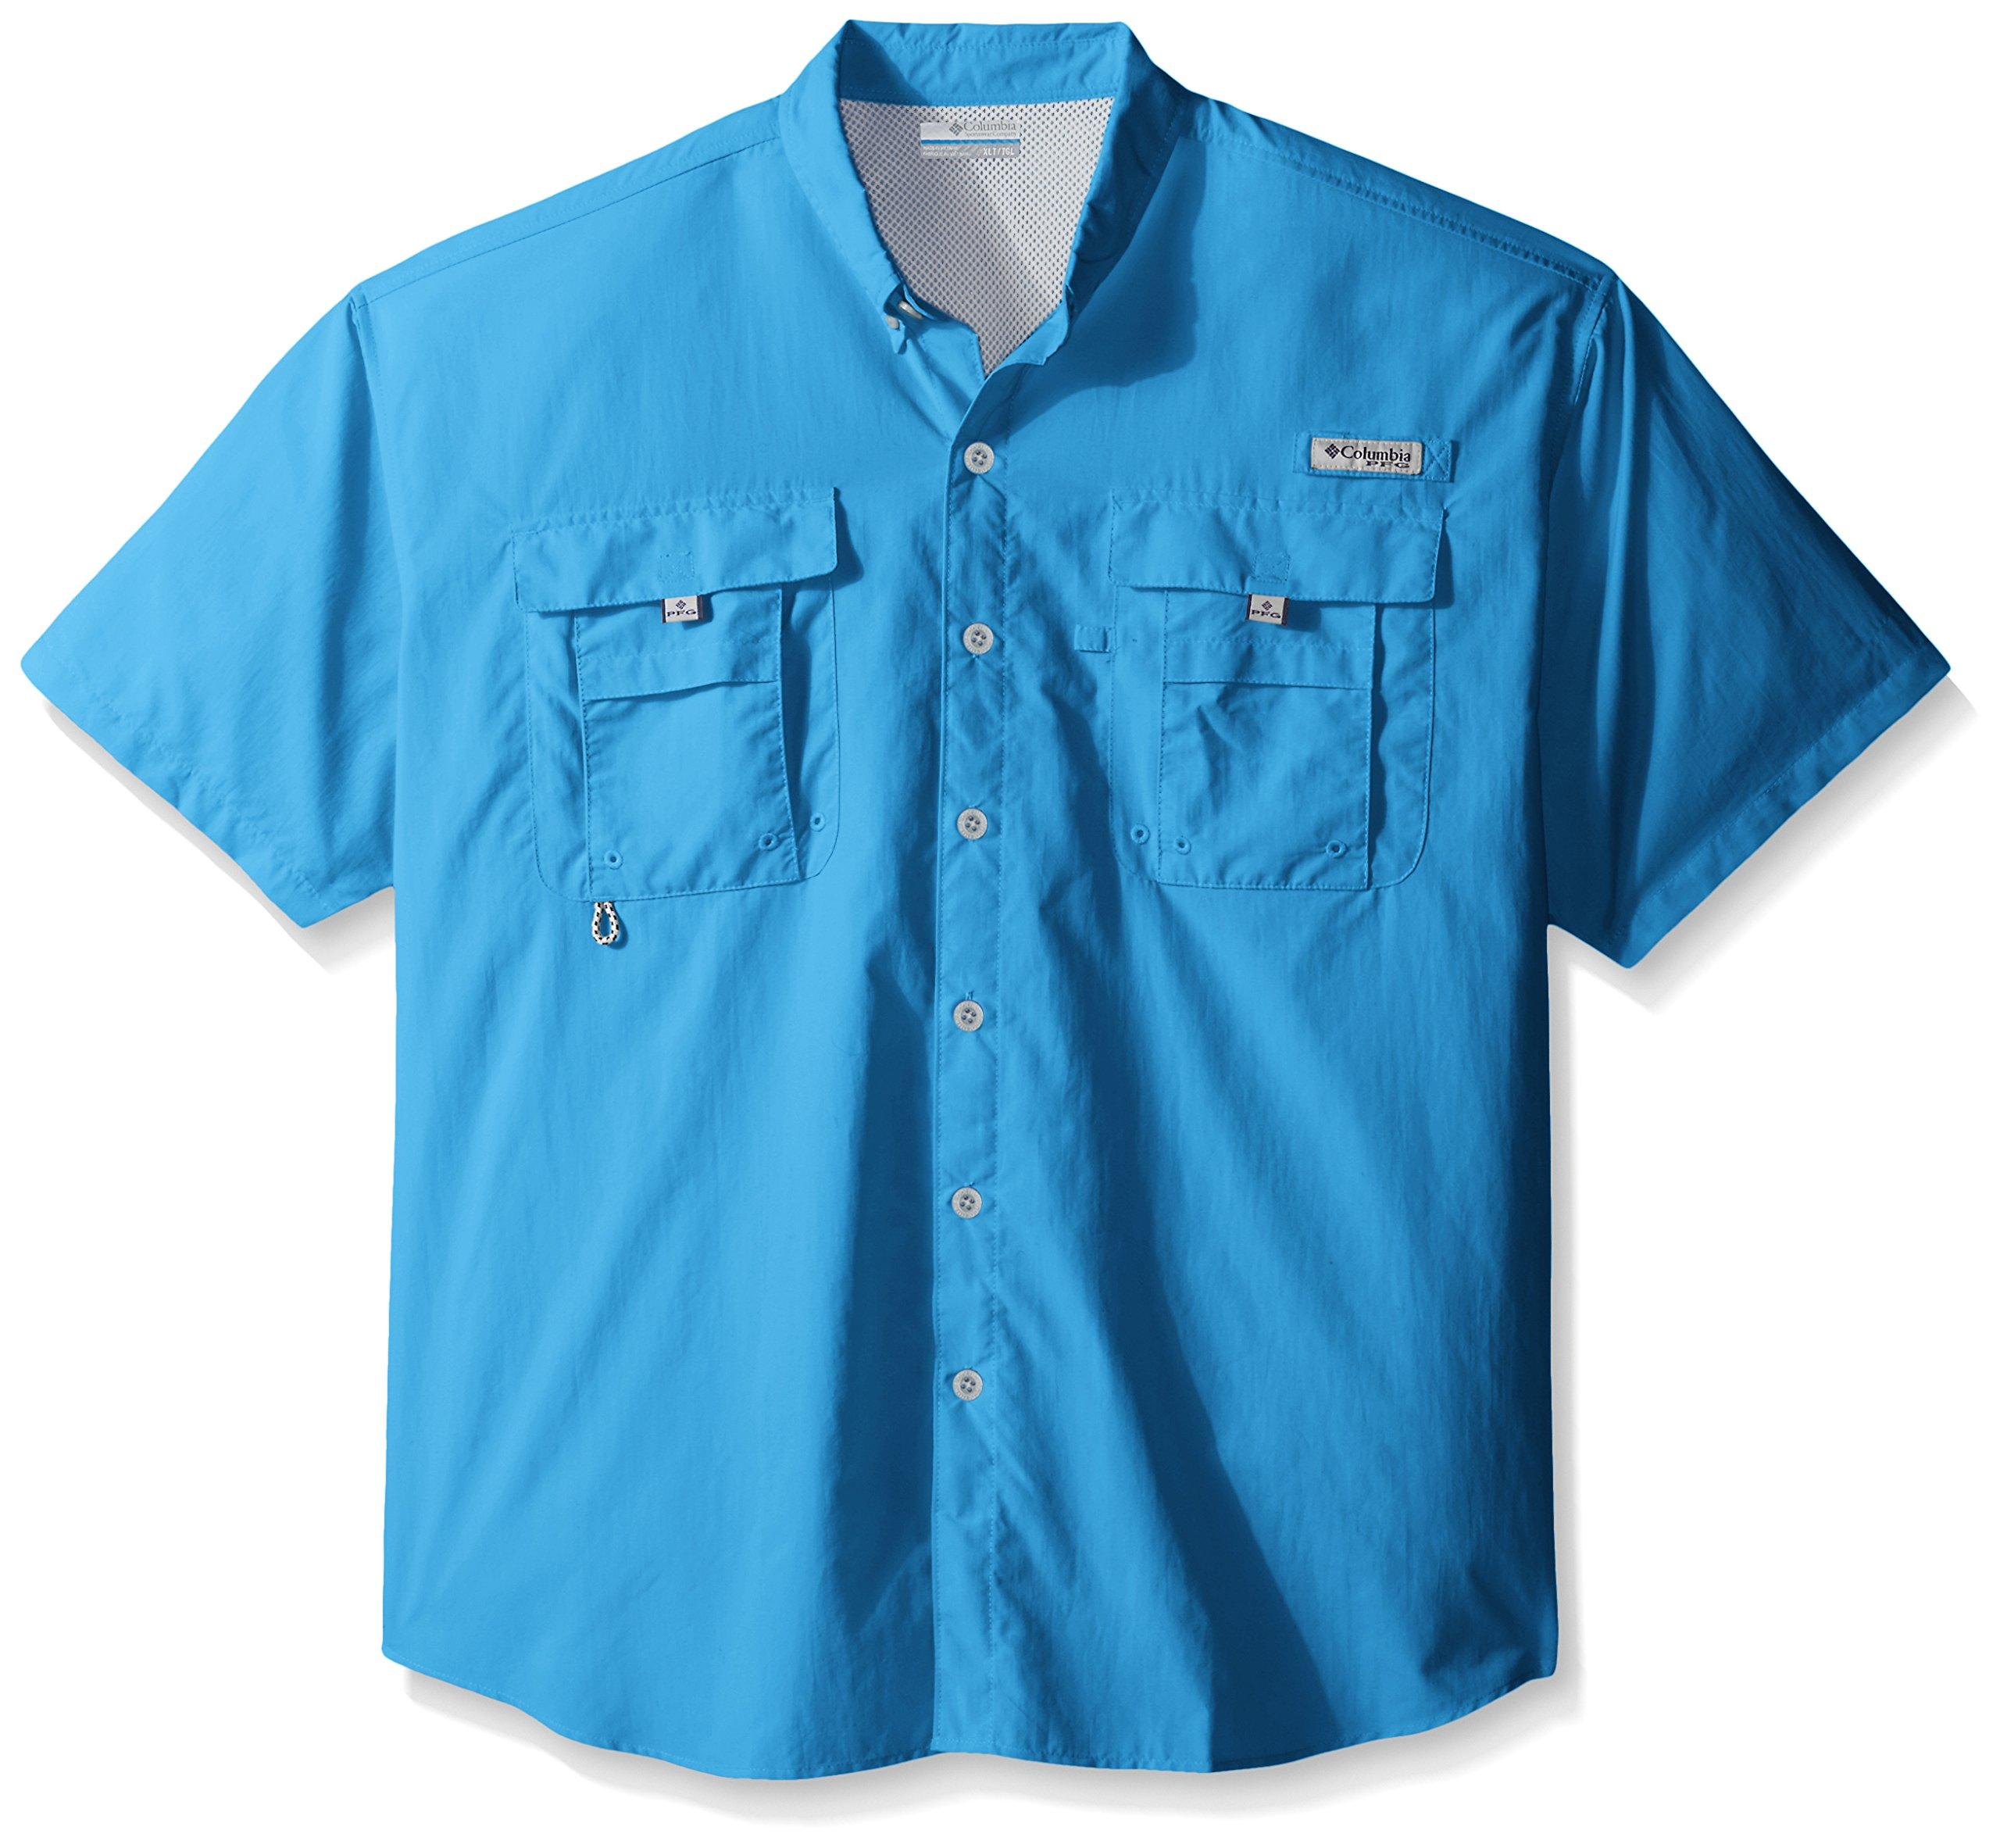 Columbia Men's Bahama II Shorts Sleeve Big/Tall Shirt, Cypress, 3X